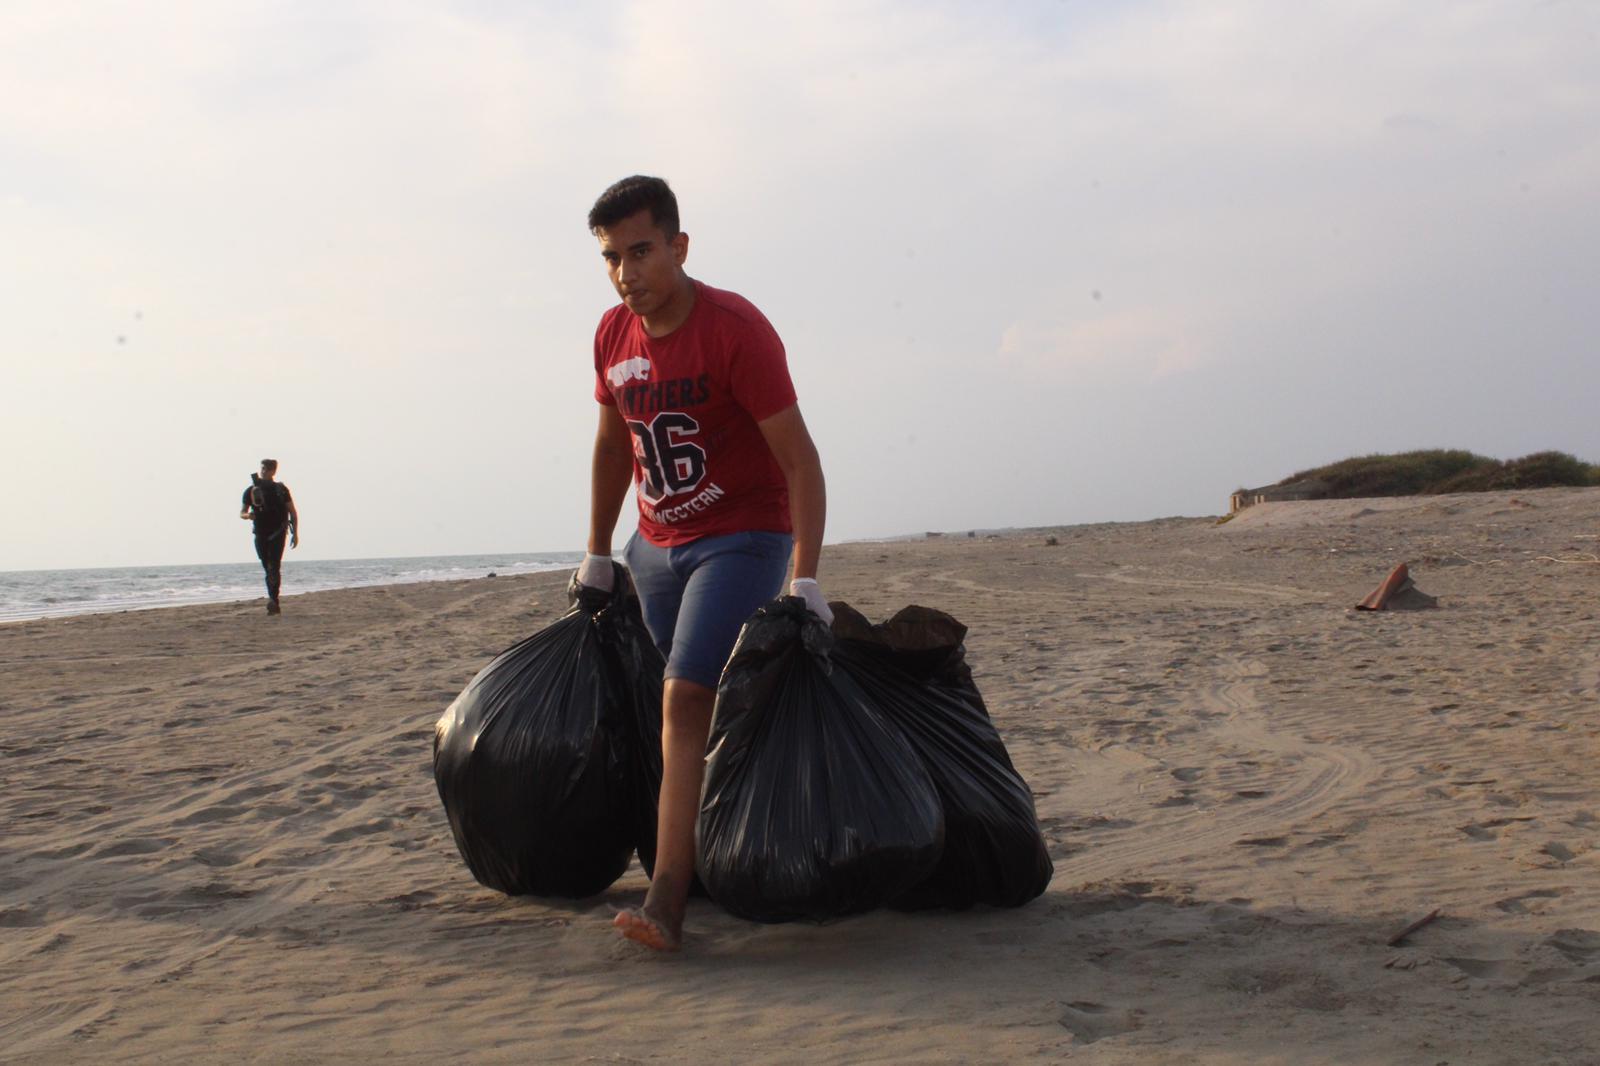 Karataş Belediyesi Akyatan' da Sahil Temizlik Etkinliği Gerçekleştirdi.